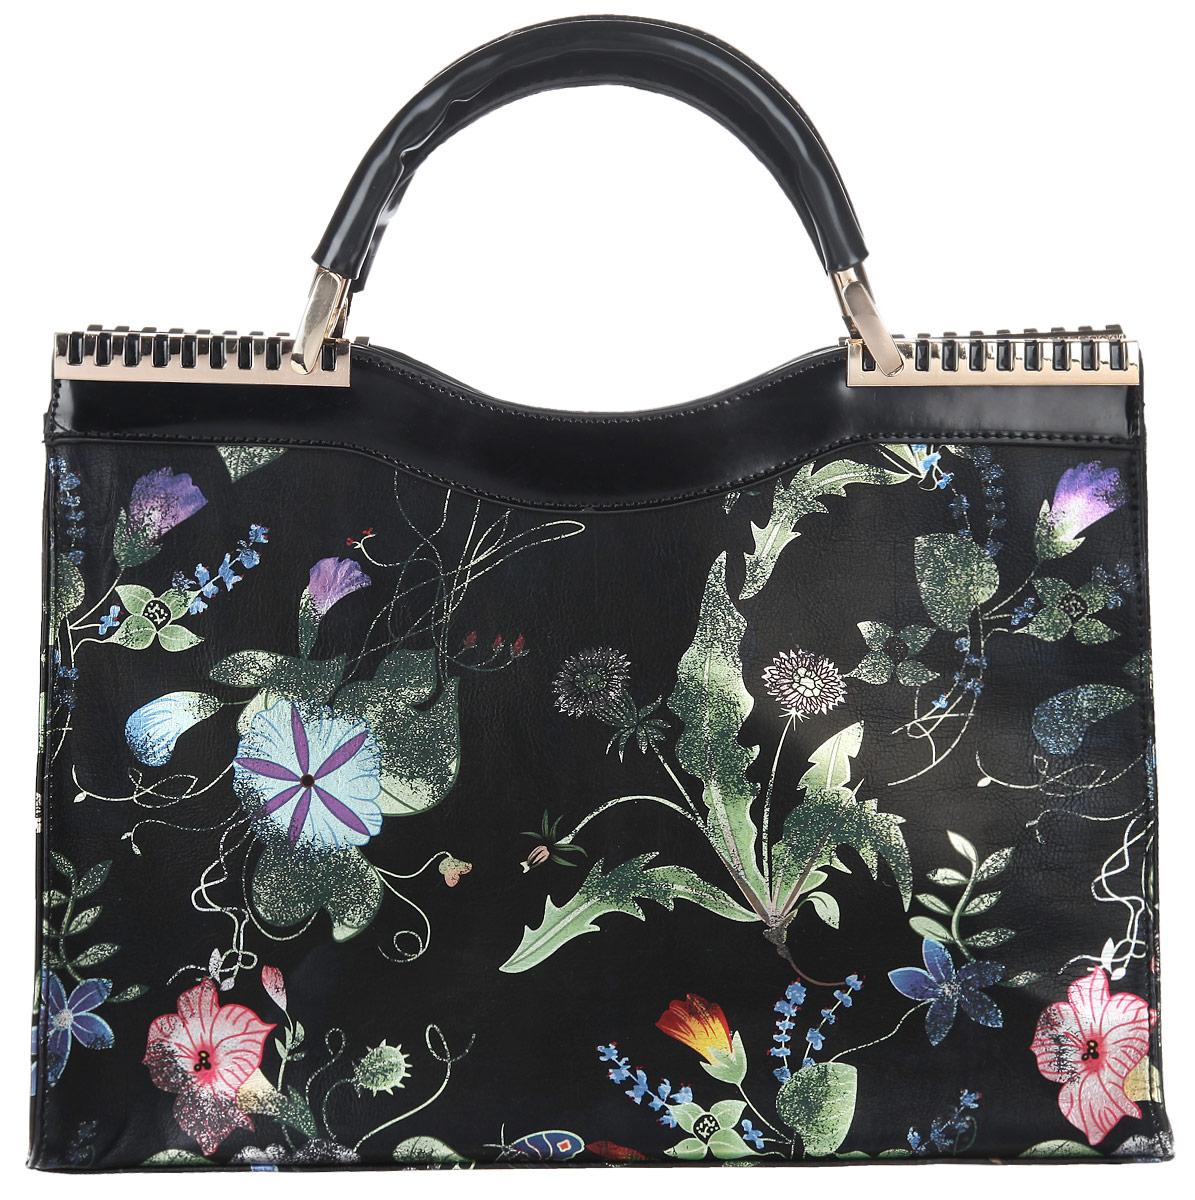 Сумка женская Renee Kler, цвет: черный, мультицвет. RF025-003-47660-00504Стильная женская сумка Renee Kler выполнена из искусственной кожи, оформлена оригинальным цветочным принтом.Изделие содержит одно отделение, которое закрывается на застежку-молнию. Внутри сумки расположены два накладных кармашка для мелочей, врезной карман на застежке-молнии и карман-средник на молнии. Снаружи, на задней стороне изделия, расположен врезной карман на молнии. Сумка оснащена удобными ручками и съемным плечевым ремнем регулируемой длины, которые позволят носить изделие, как в руках, так и на плече. Ручки дополнены металлической фурнитурой.Практичный аксессуар позволит вам завершить образ и быть неотразимой.